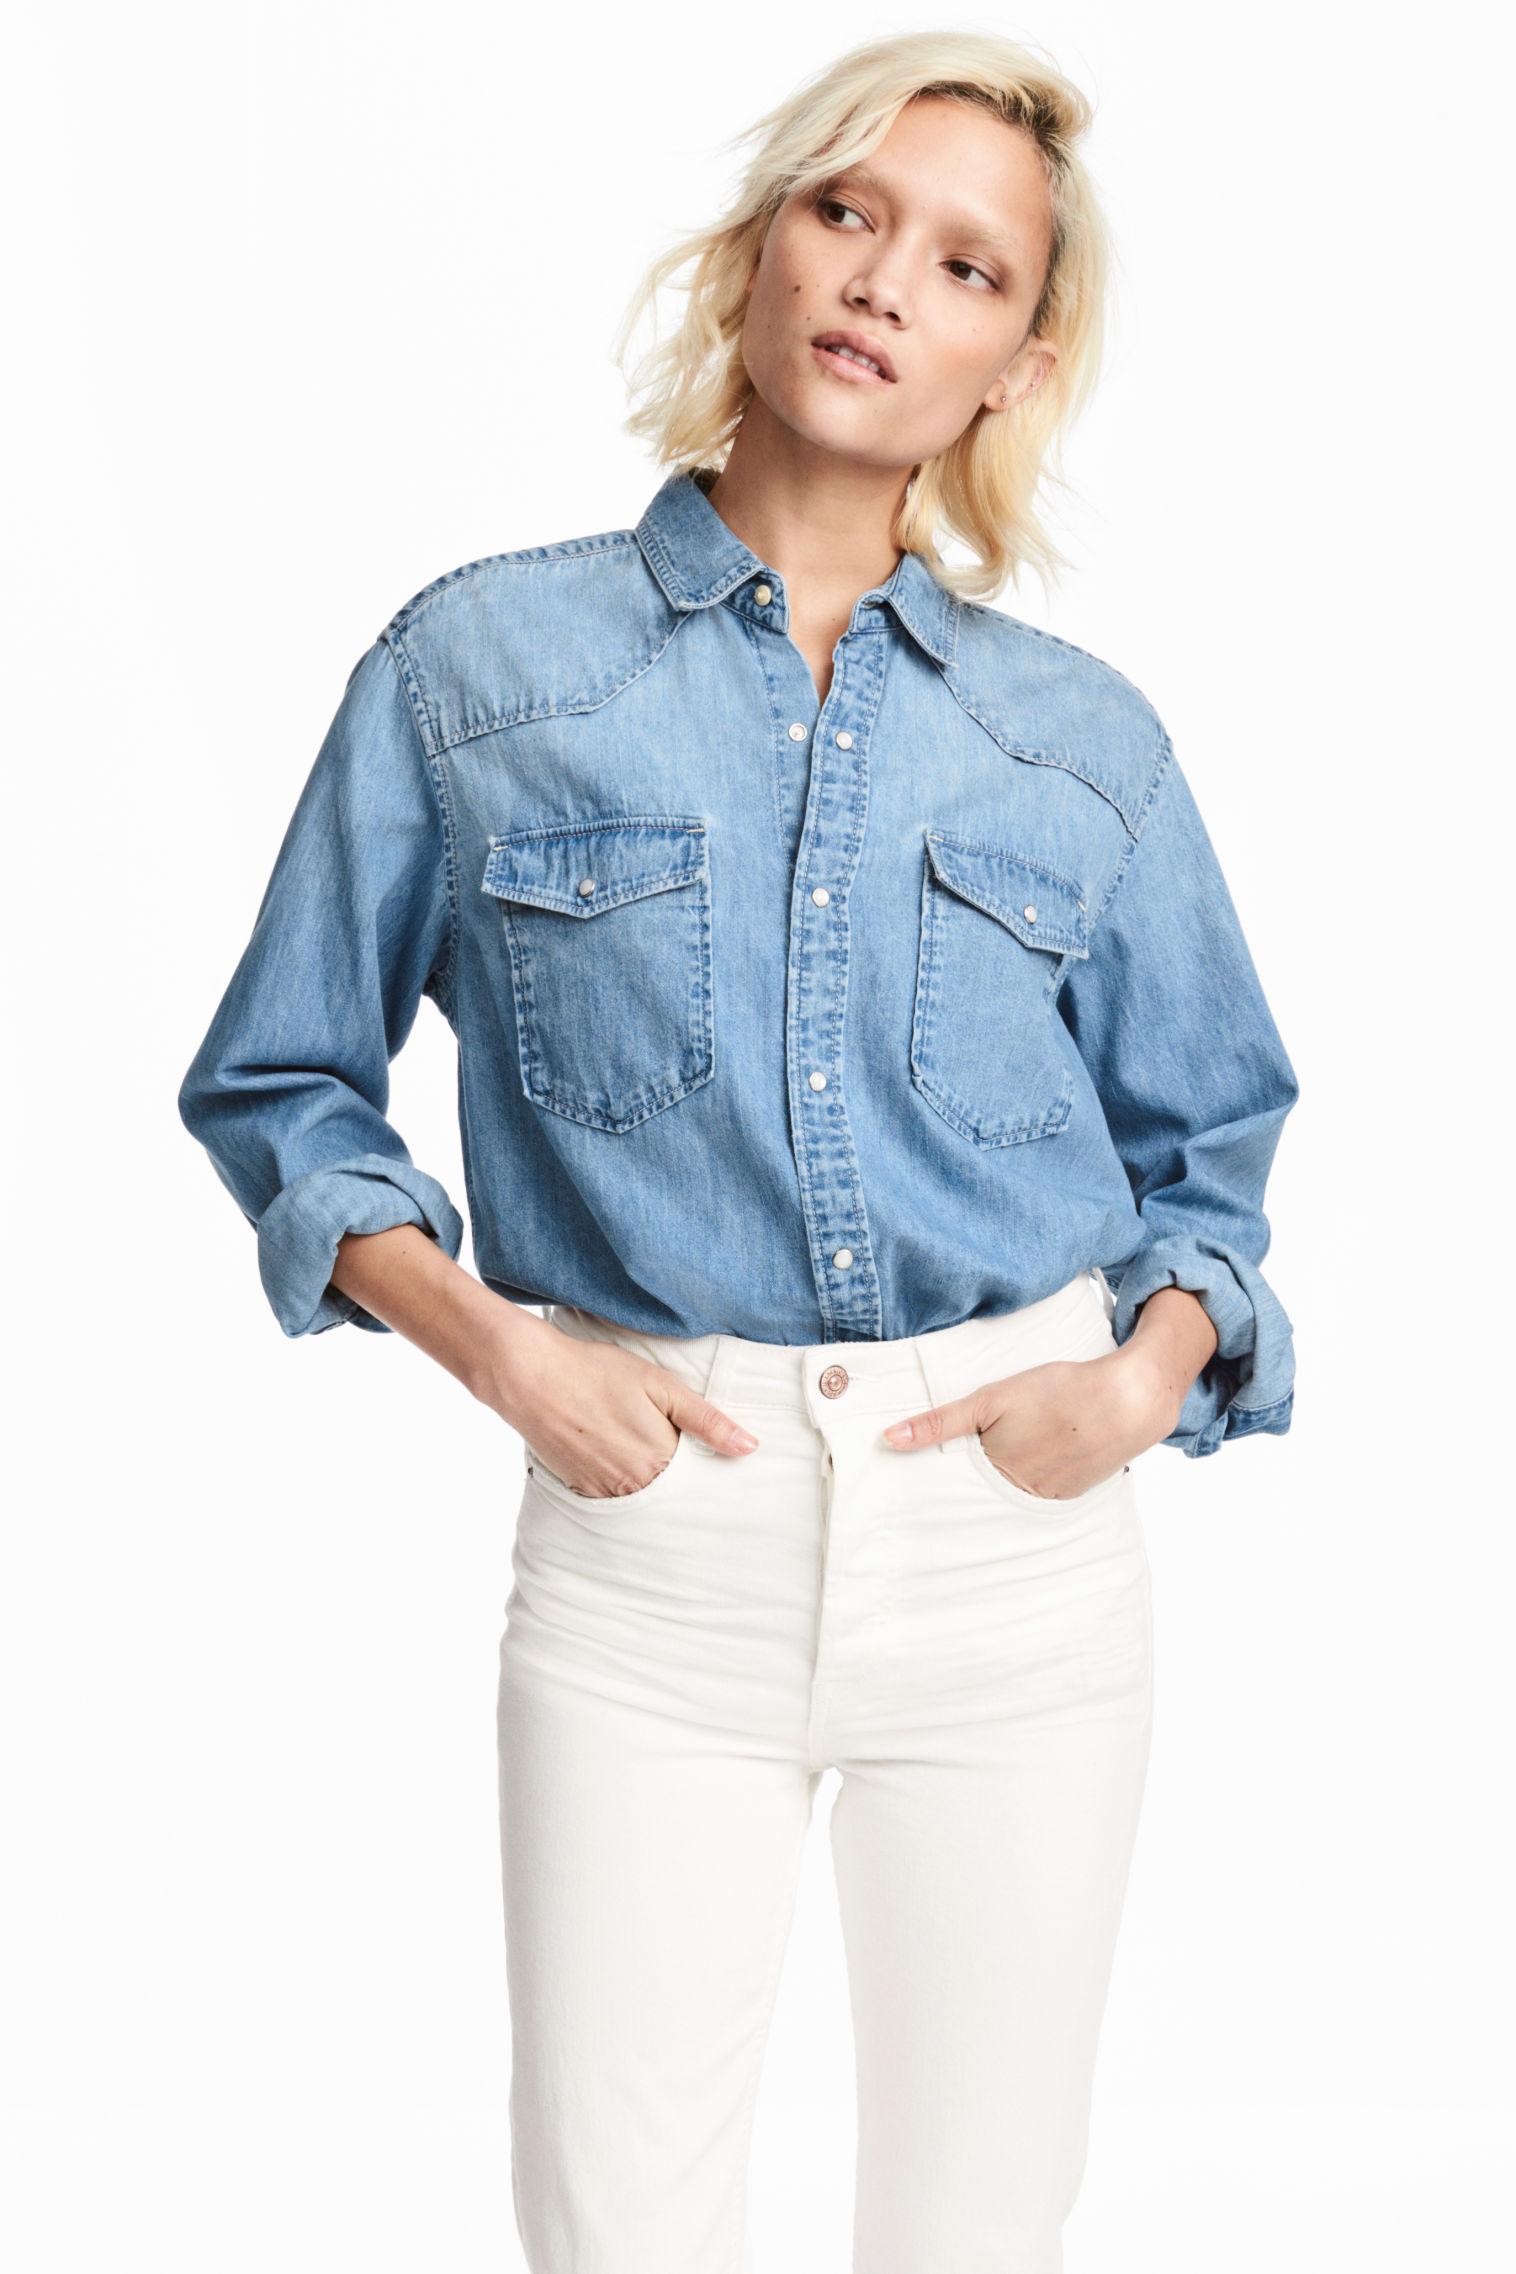 jeans bureau look hm